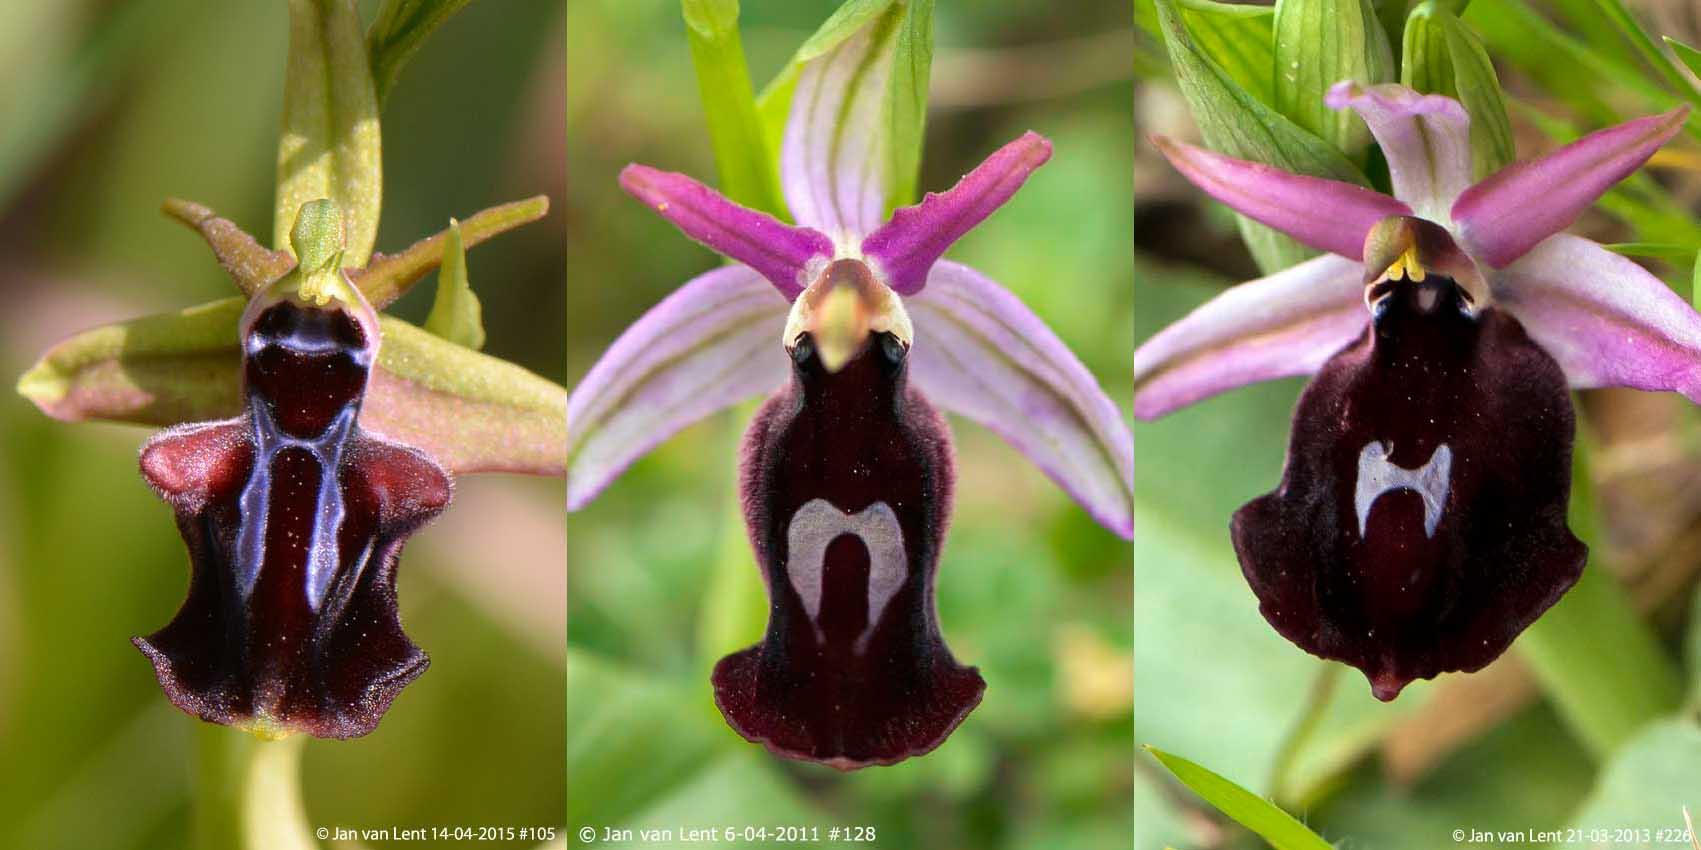 Oph. mammosa (Pyrgi 14-4-15 #105), labiosa (Anemomilos 6-4-11 #128) & f-e (Alifantá 21-3-13 #226)